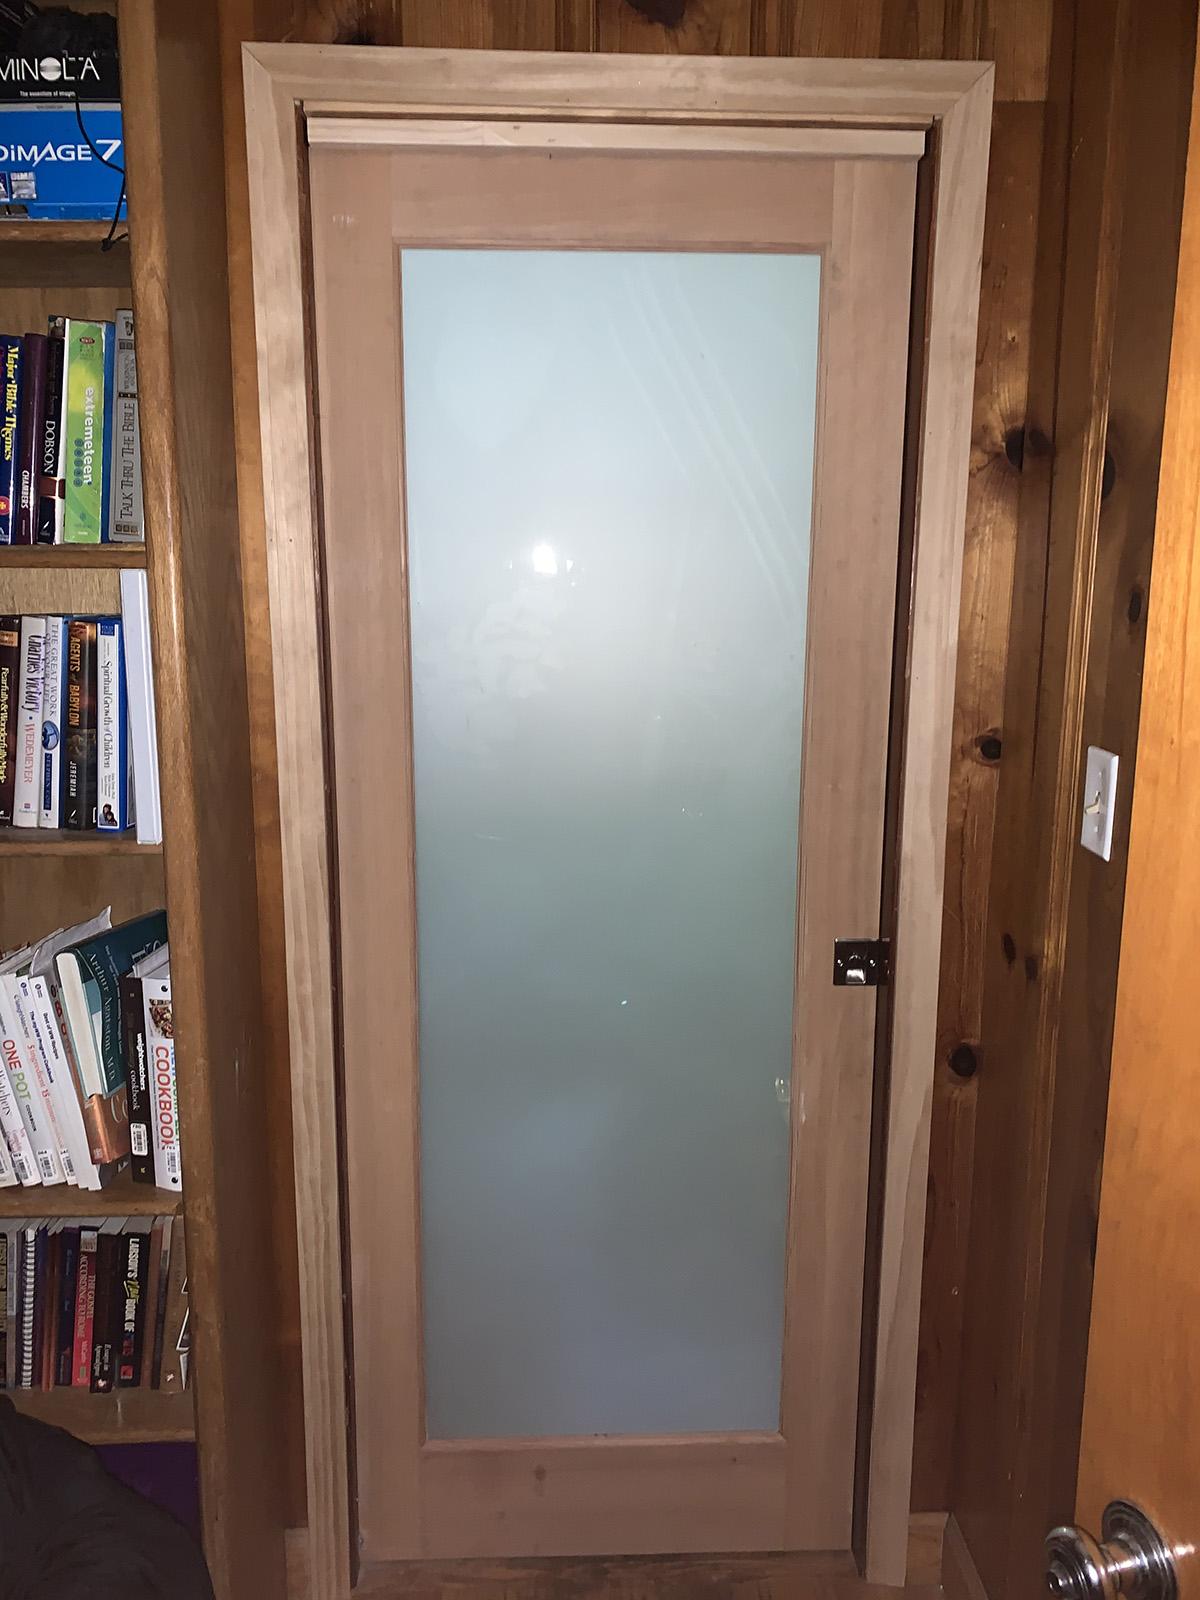 Pocket Milpitas CA Replacement Windows Doors